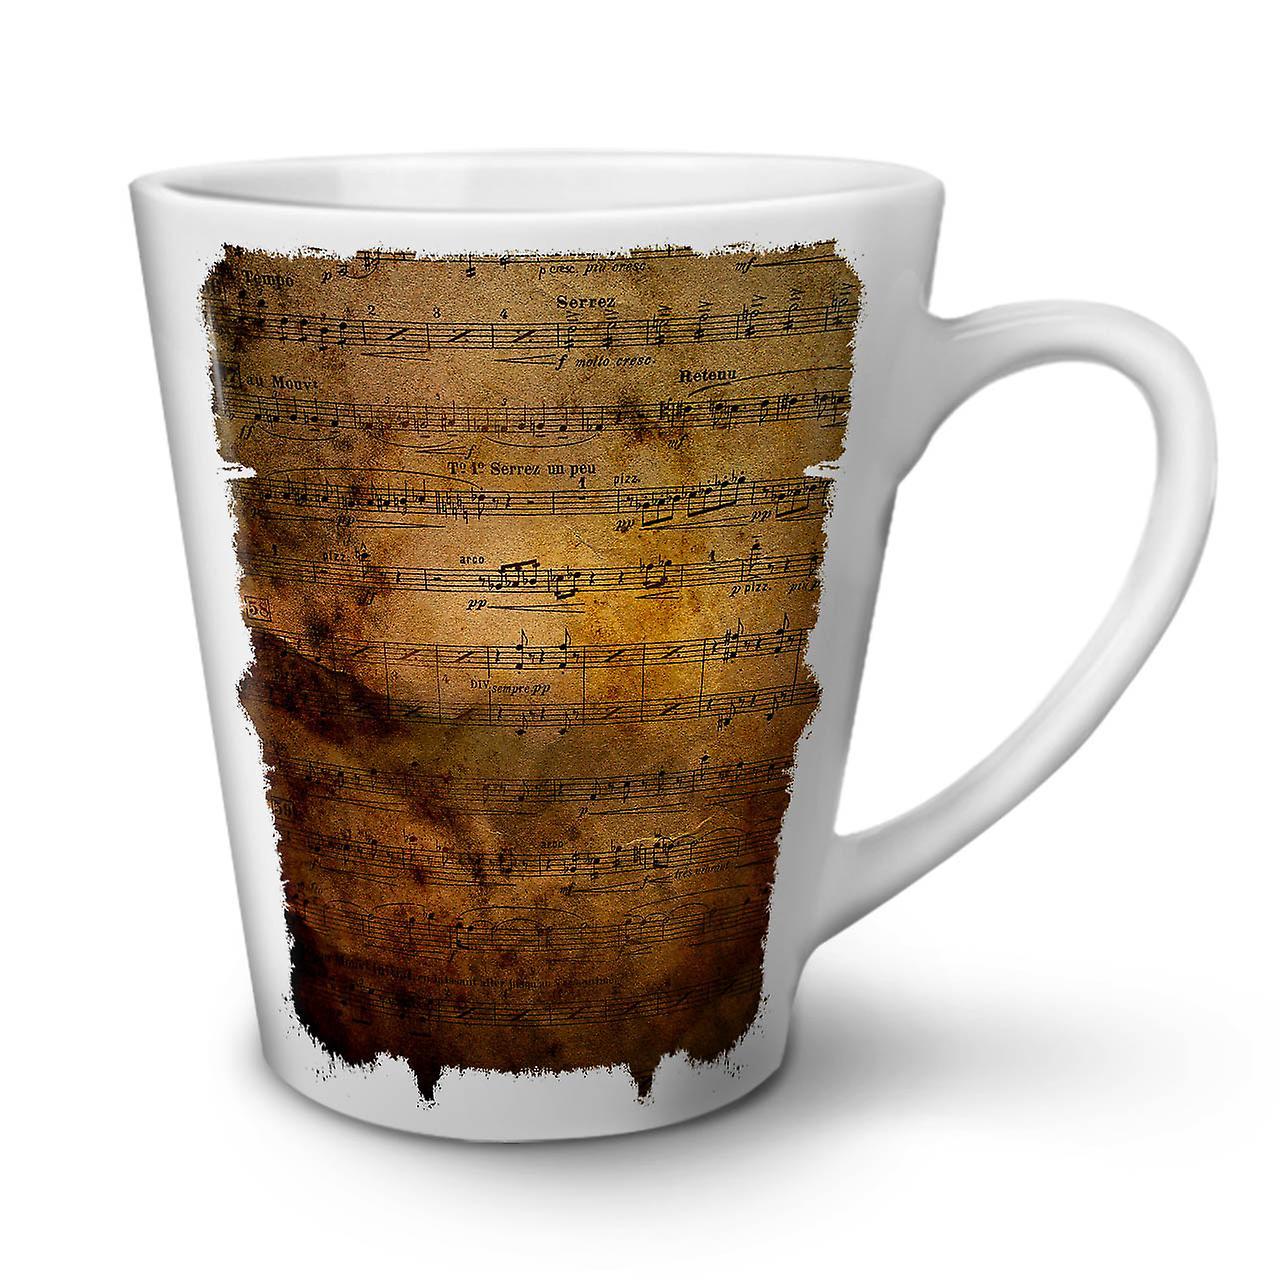 De En OzWellcoda Papier Latte Café 12 Thé Mug Blanc Note Projet Nouveau Céramique f6gyvbIY7m